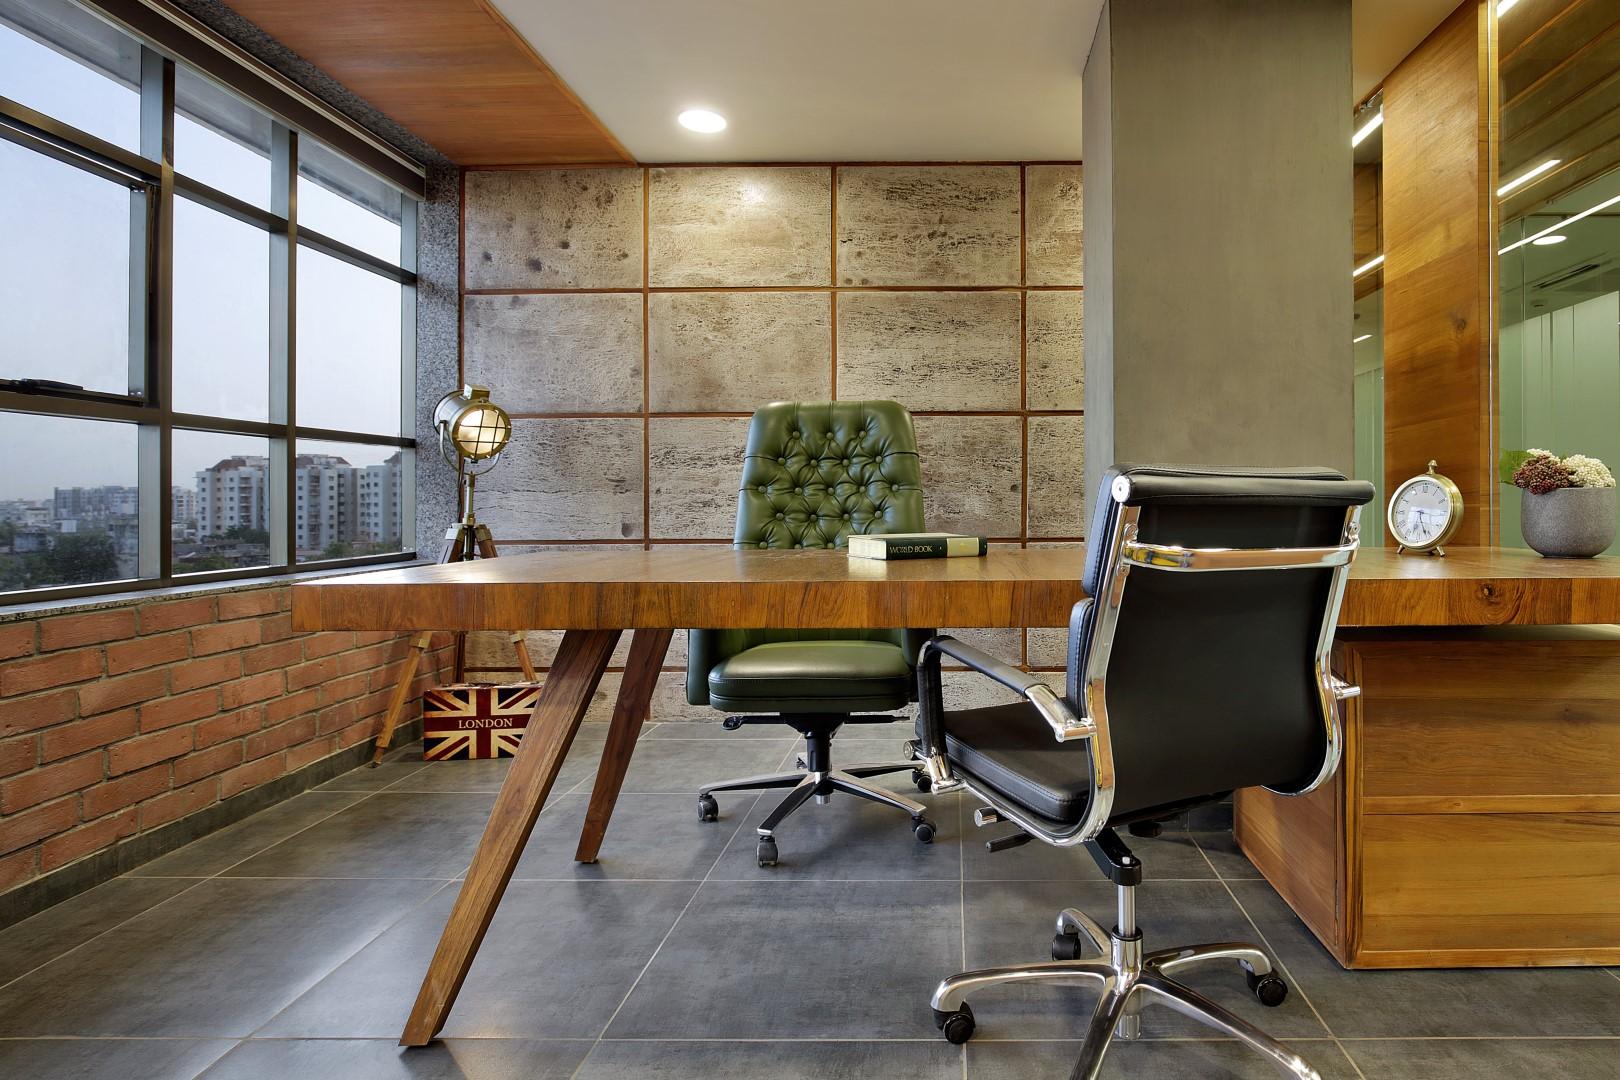 office interior design (5)